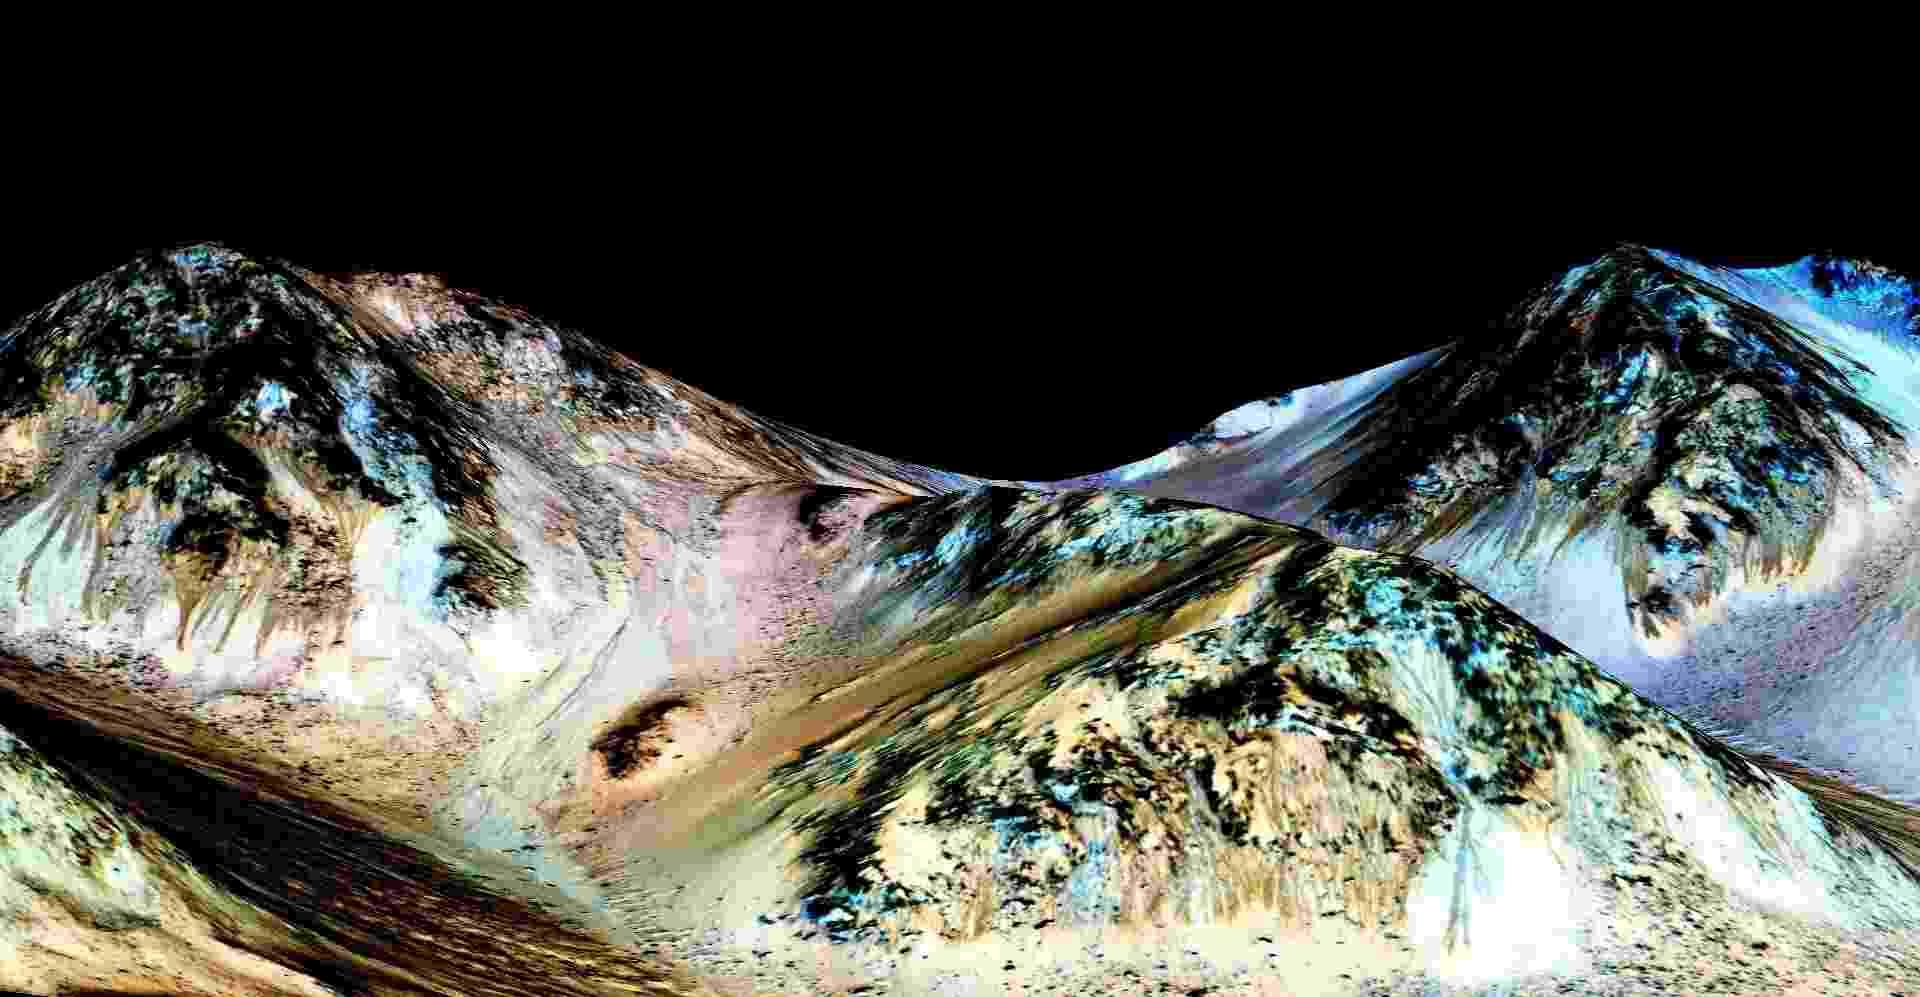 28.set.2015 - As marcas escuras e estreitas, de cerca de 100 m de comprimento por 5 m largura, foram registradas pela sonda MRO em Marte. Cientistas da Nasa, a agência espacial norte-americana, acreditam que os leitos provam que existe água líquida e corrente no planeta - Universidade do Arizona/ NASA/JPL